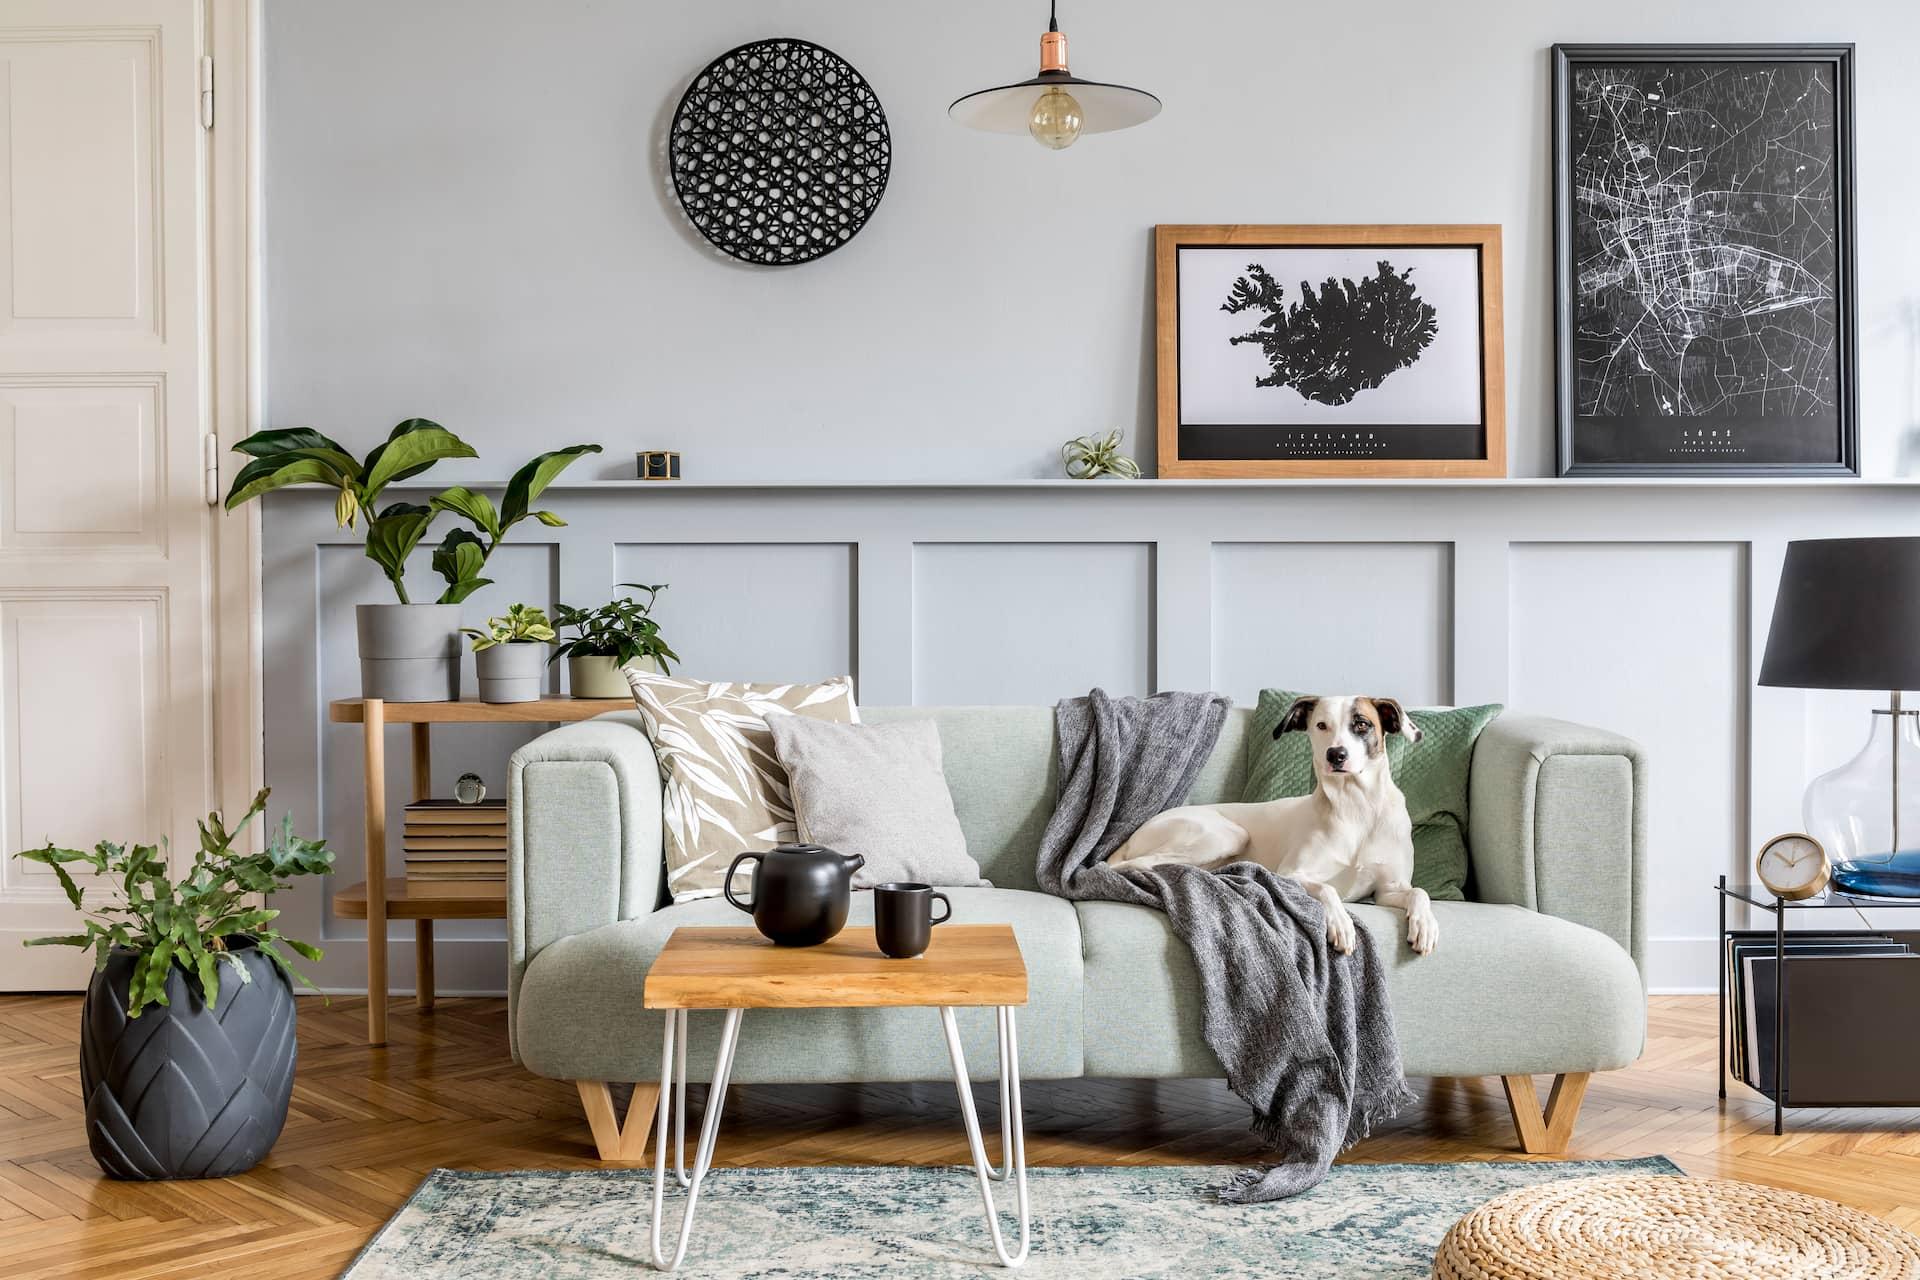 Salon décor bohème avec un chien sur le canapé